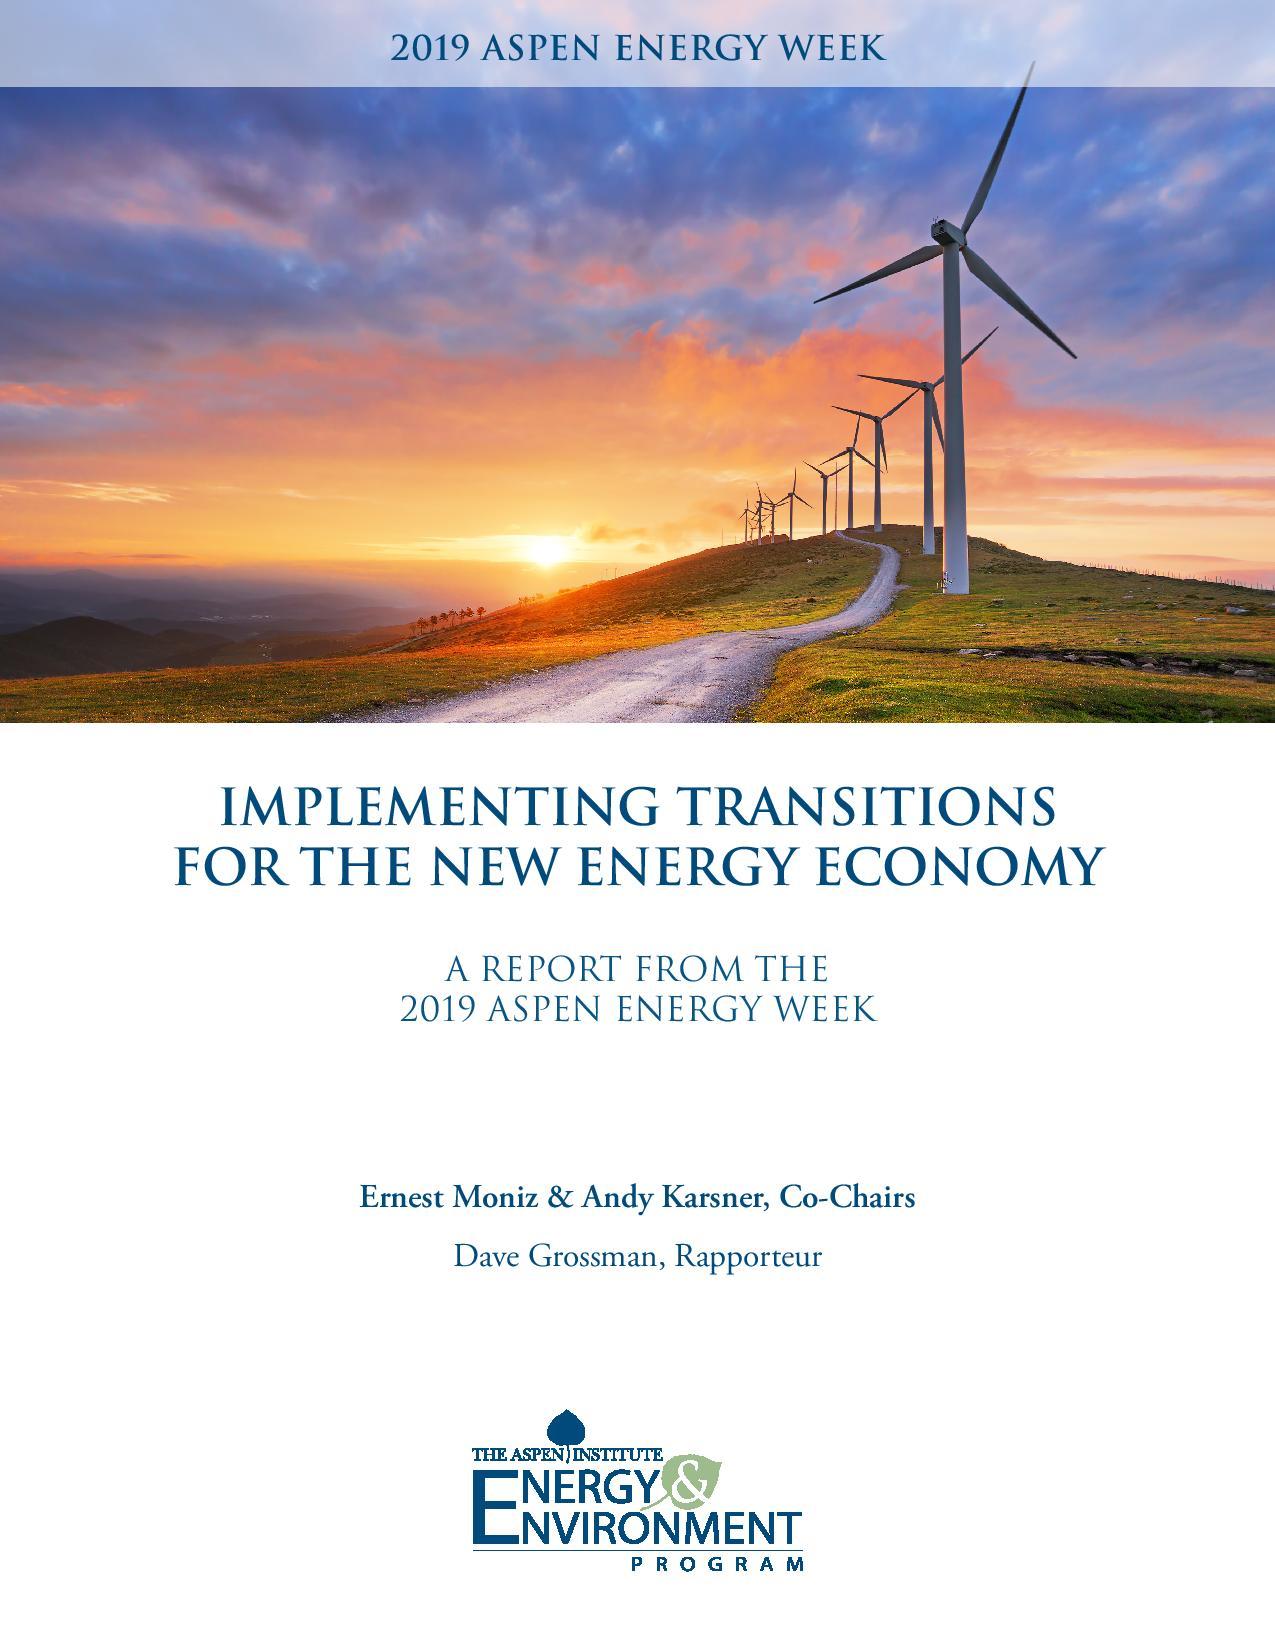 2019 Energy Week Report